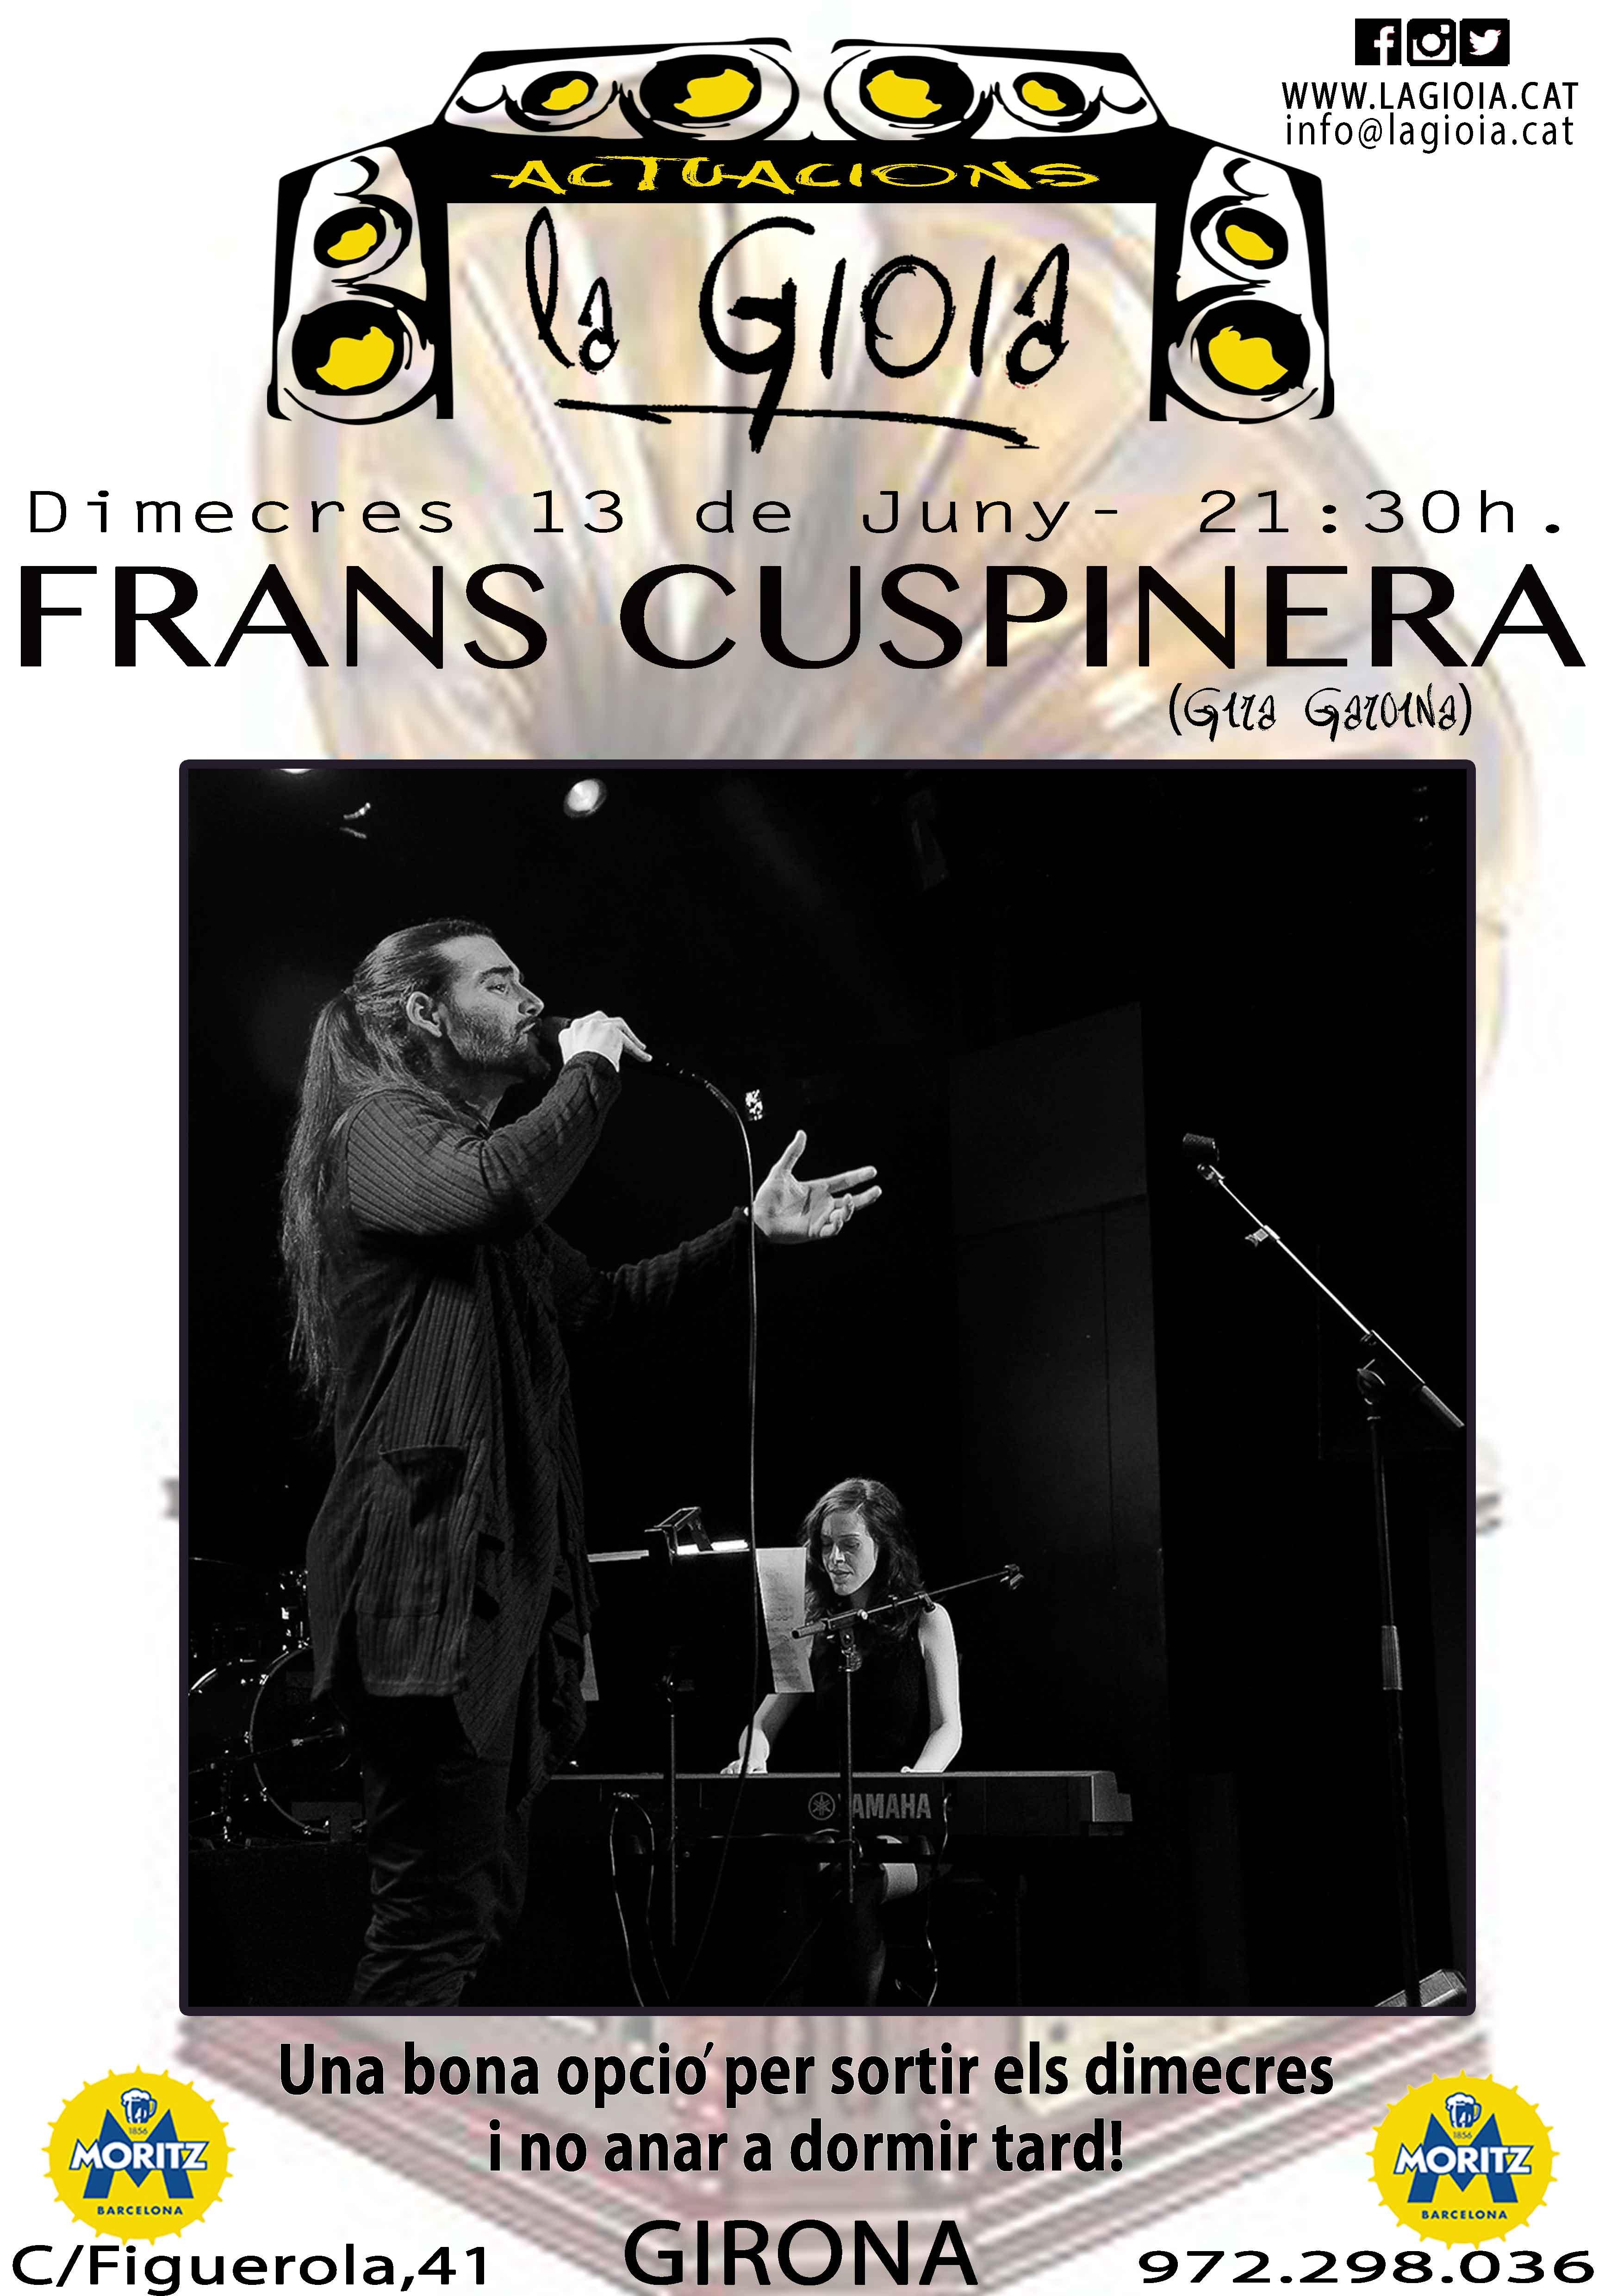 Concert de Frans Cuspinera a la Gioia